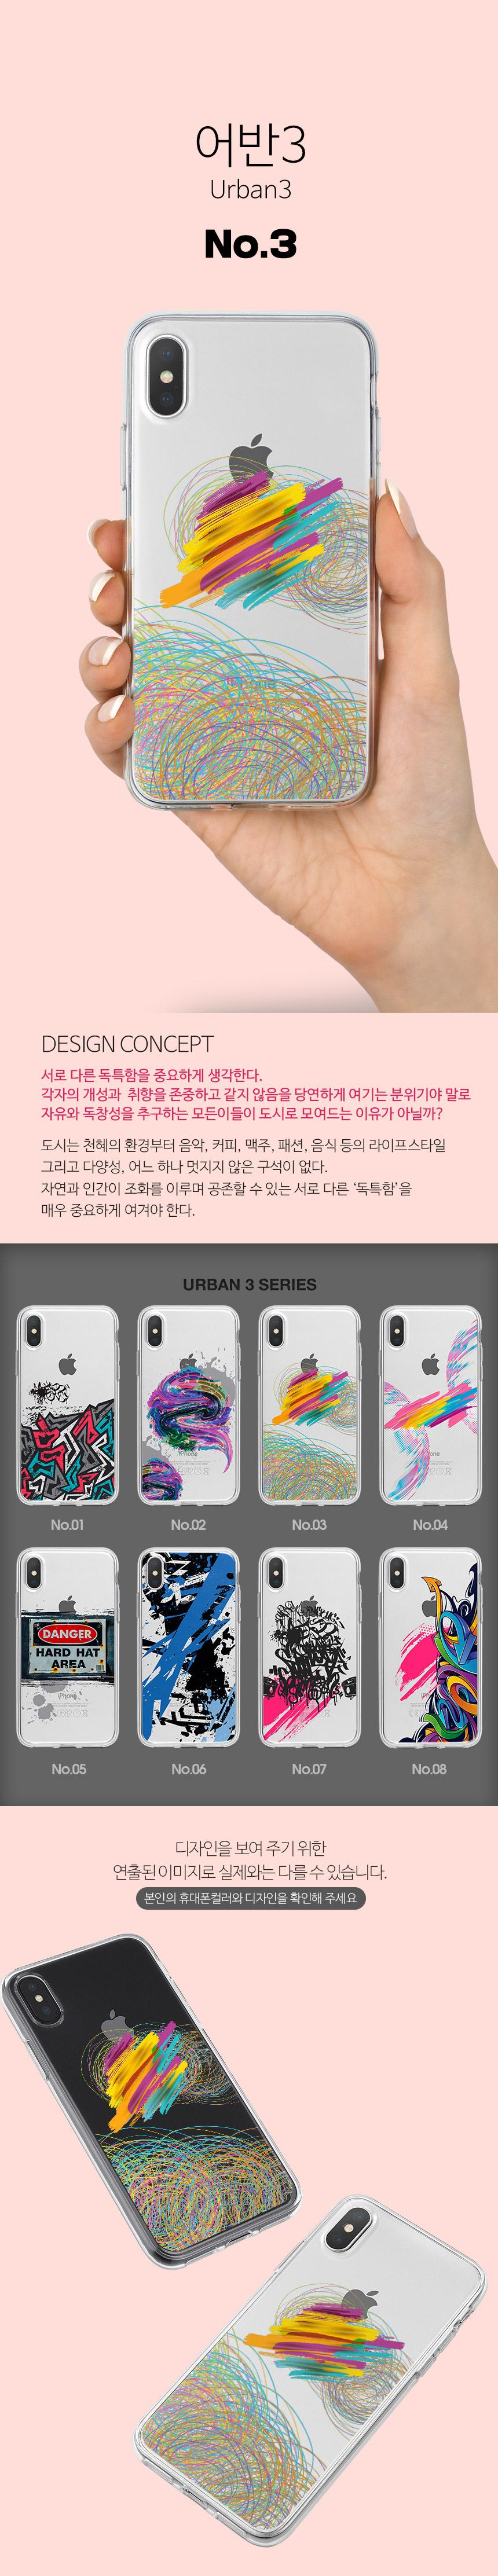 기키(GEEKY) [투명] phone case Urban3 No.3